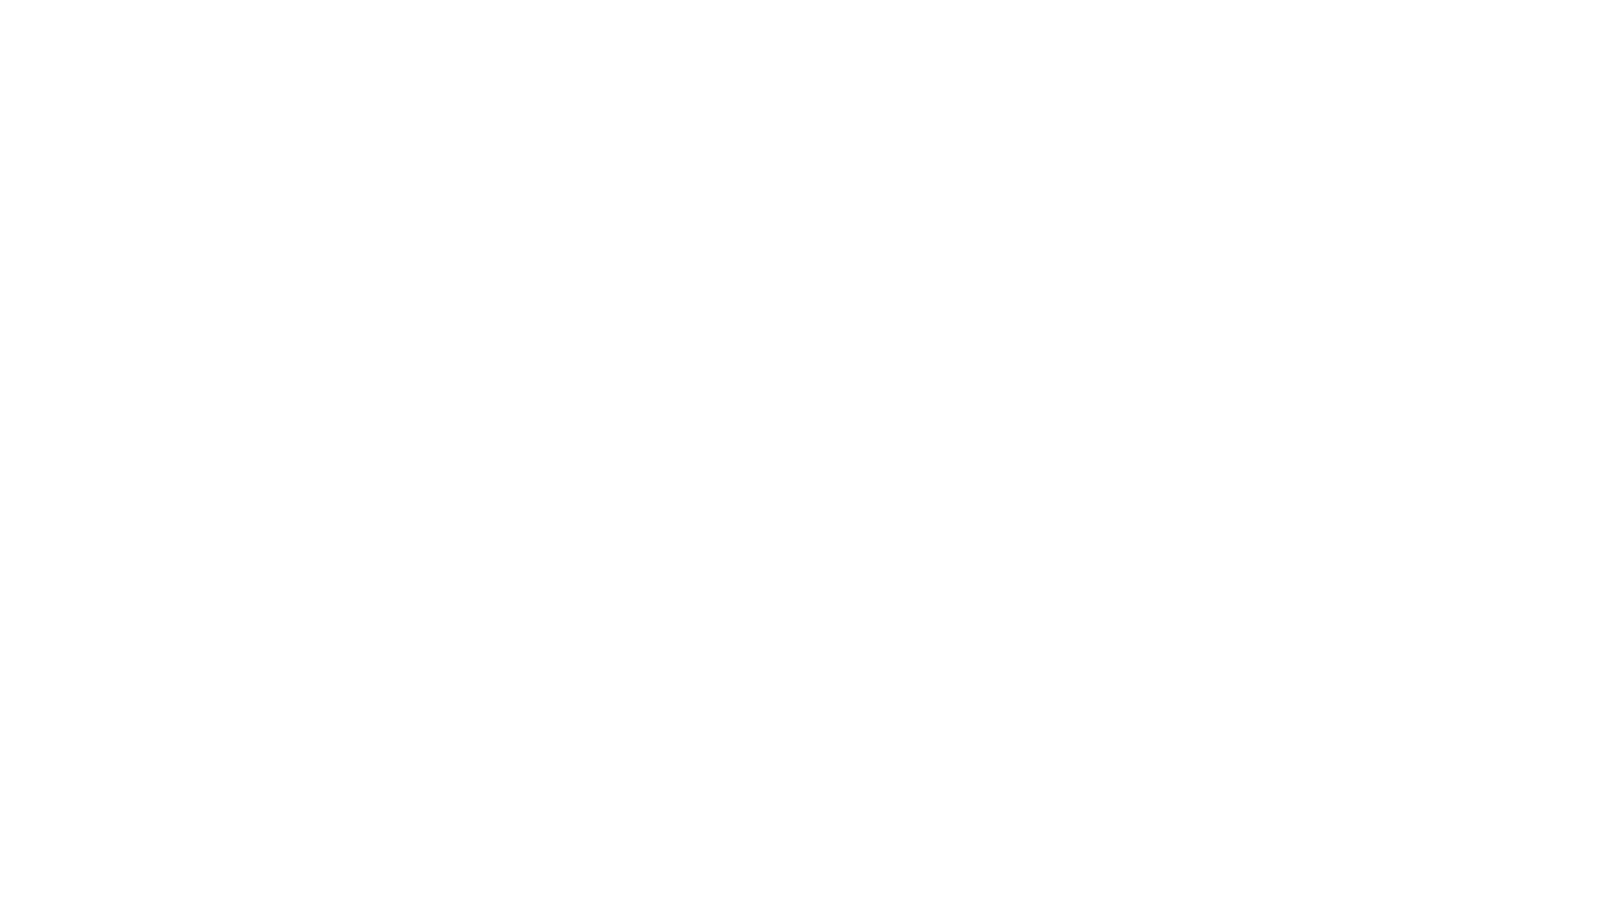 2021.09.28 - Pismo Z. Kękusia z dnia 28 września 2021 r. do członków Prezydium Sejmu Rzeczypospolitej Polskiej – Marszałek Elżbieta Witek i Wicemarszałkowie – w sprawie złożonego przez Z. Kękusia w dniu 13 września 2021 r. zawiadomienia o popełnieniu przez ministra zdrowia Adama Niedzielskiego przestępstwa z art. 271 § 1 k.k. oraz zamiaru A. Niedzielskiego uzasadniania, podczas 38 sesji Sejmu, 30 września lub 1 października, rządowego - premiera Mateusza Morawieckiego - projektu ustawy o zmianie ustawy o zapobieganiu oraz zwalczaniu zakażeń i chorób zakaźnych u ludzi oraz niektórych innych ustaw (druk sejmowy nr 1449).  2021.09.28 - Pismo Z. Kękusia z 28 września 2021 r. do prezesa Rady Ministrów Mateusza Morawieckiego  2021.09.24 - Protokół przesłuchania Z. Kękusia z dniu 24 września 2021 r. przez sierż. szt. Dorotę Madej z Komisariatu Policji IV w Krakowie, w tym na okoliczność dotyczącą przestępstwa z art. 231§1 k.k. popełnionego przez prezesa Rady Ministrów Mateusza Morawieckiego i jego skutków.